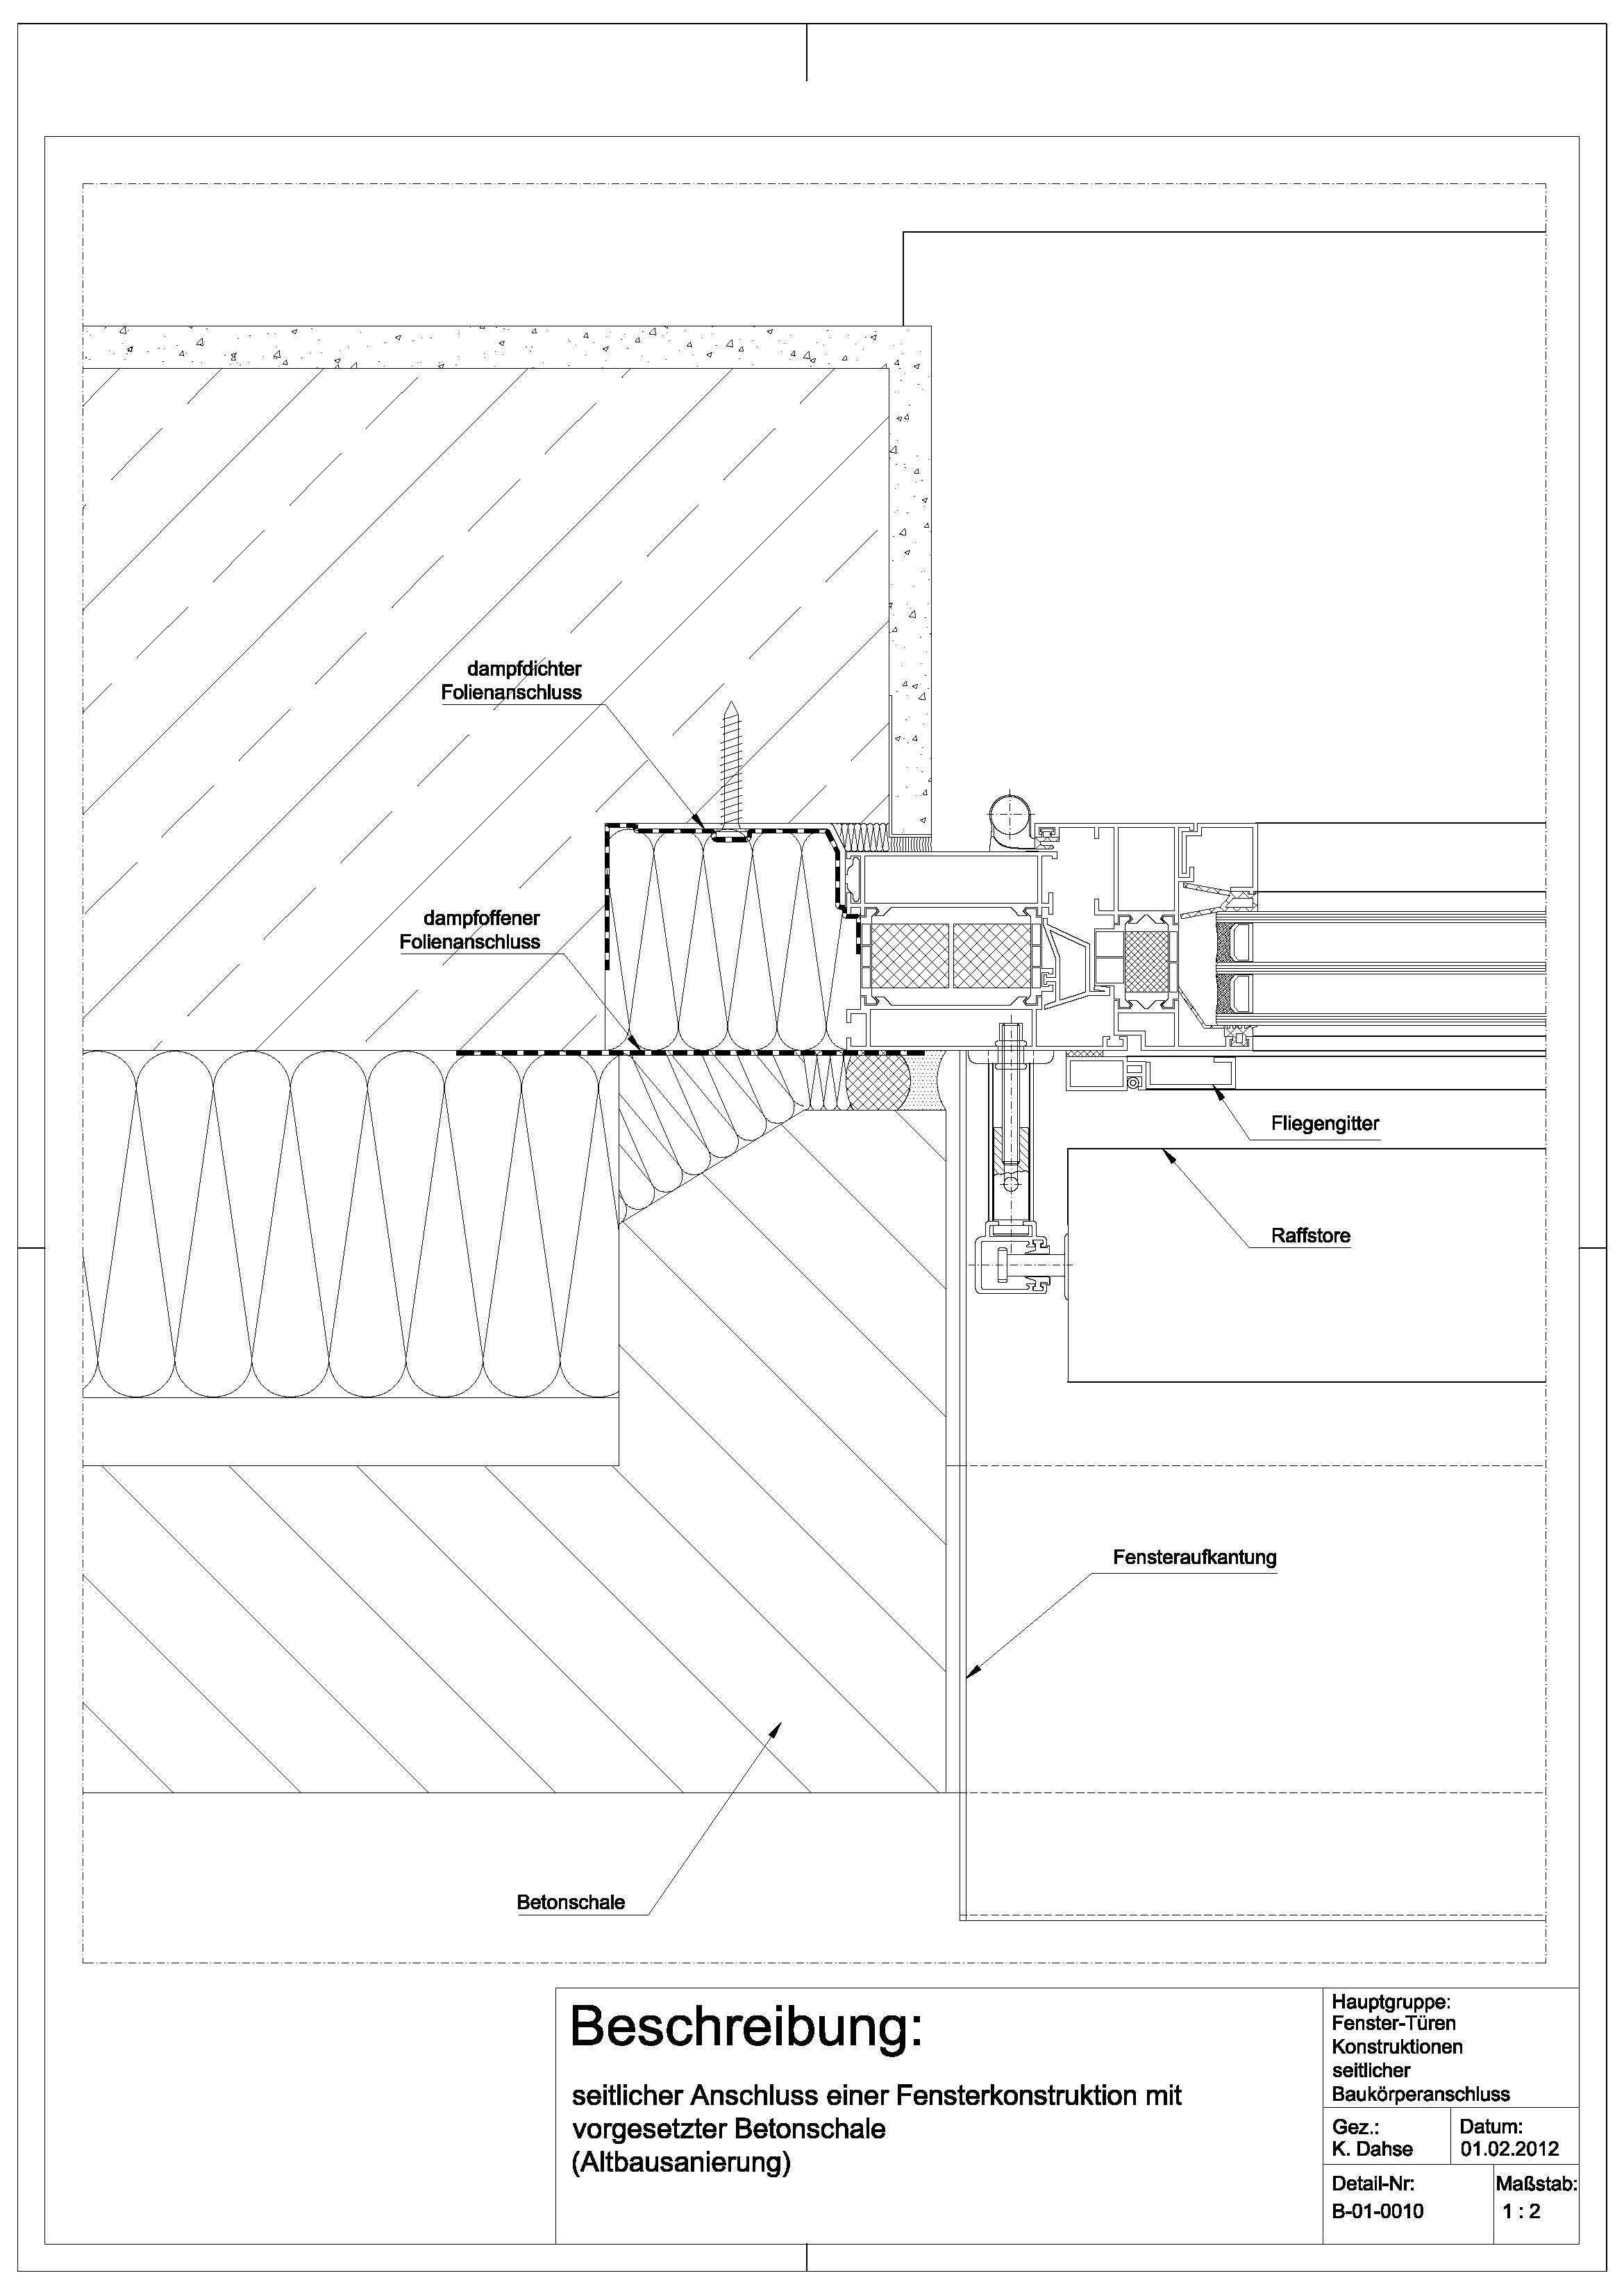 Tür detail anschluss  B-01-0010 Anschluss einer Fensterkonstruktion mit vorgestetzter ...